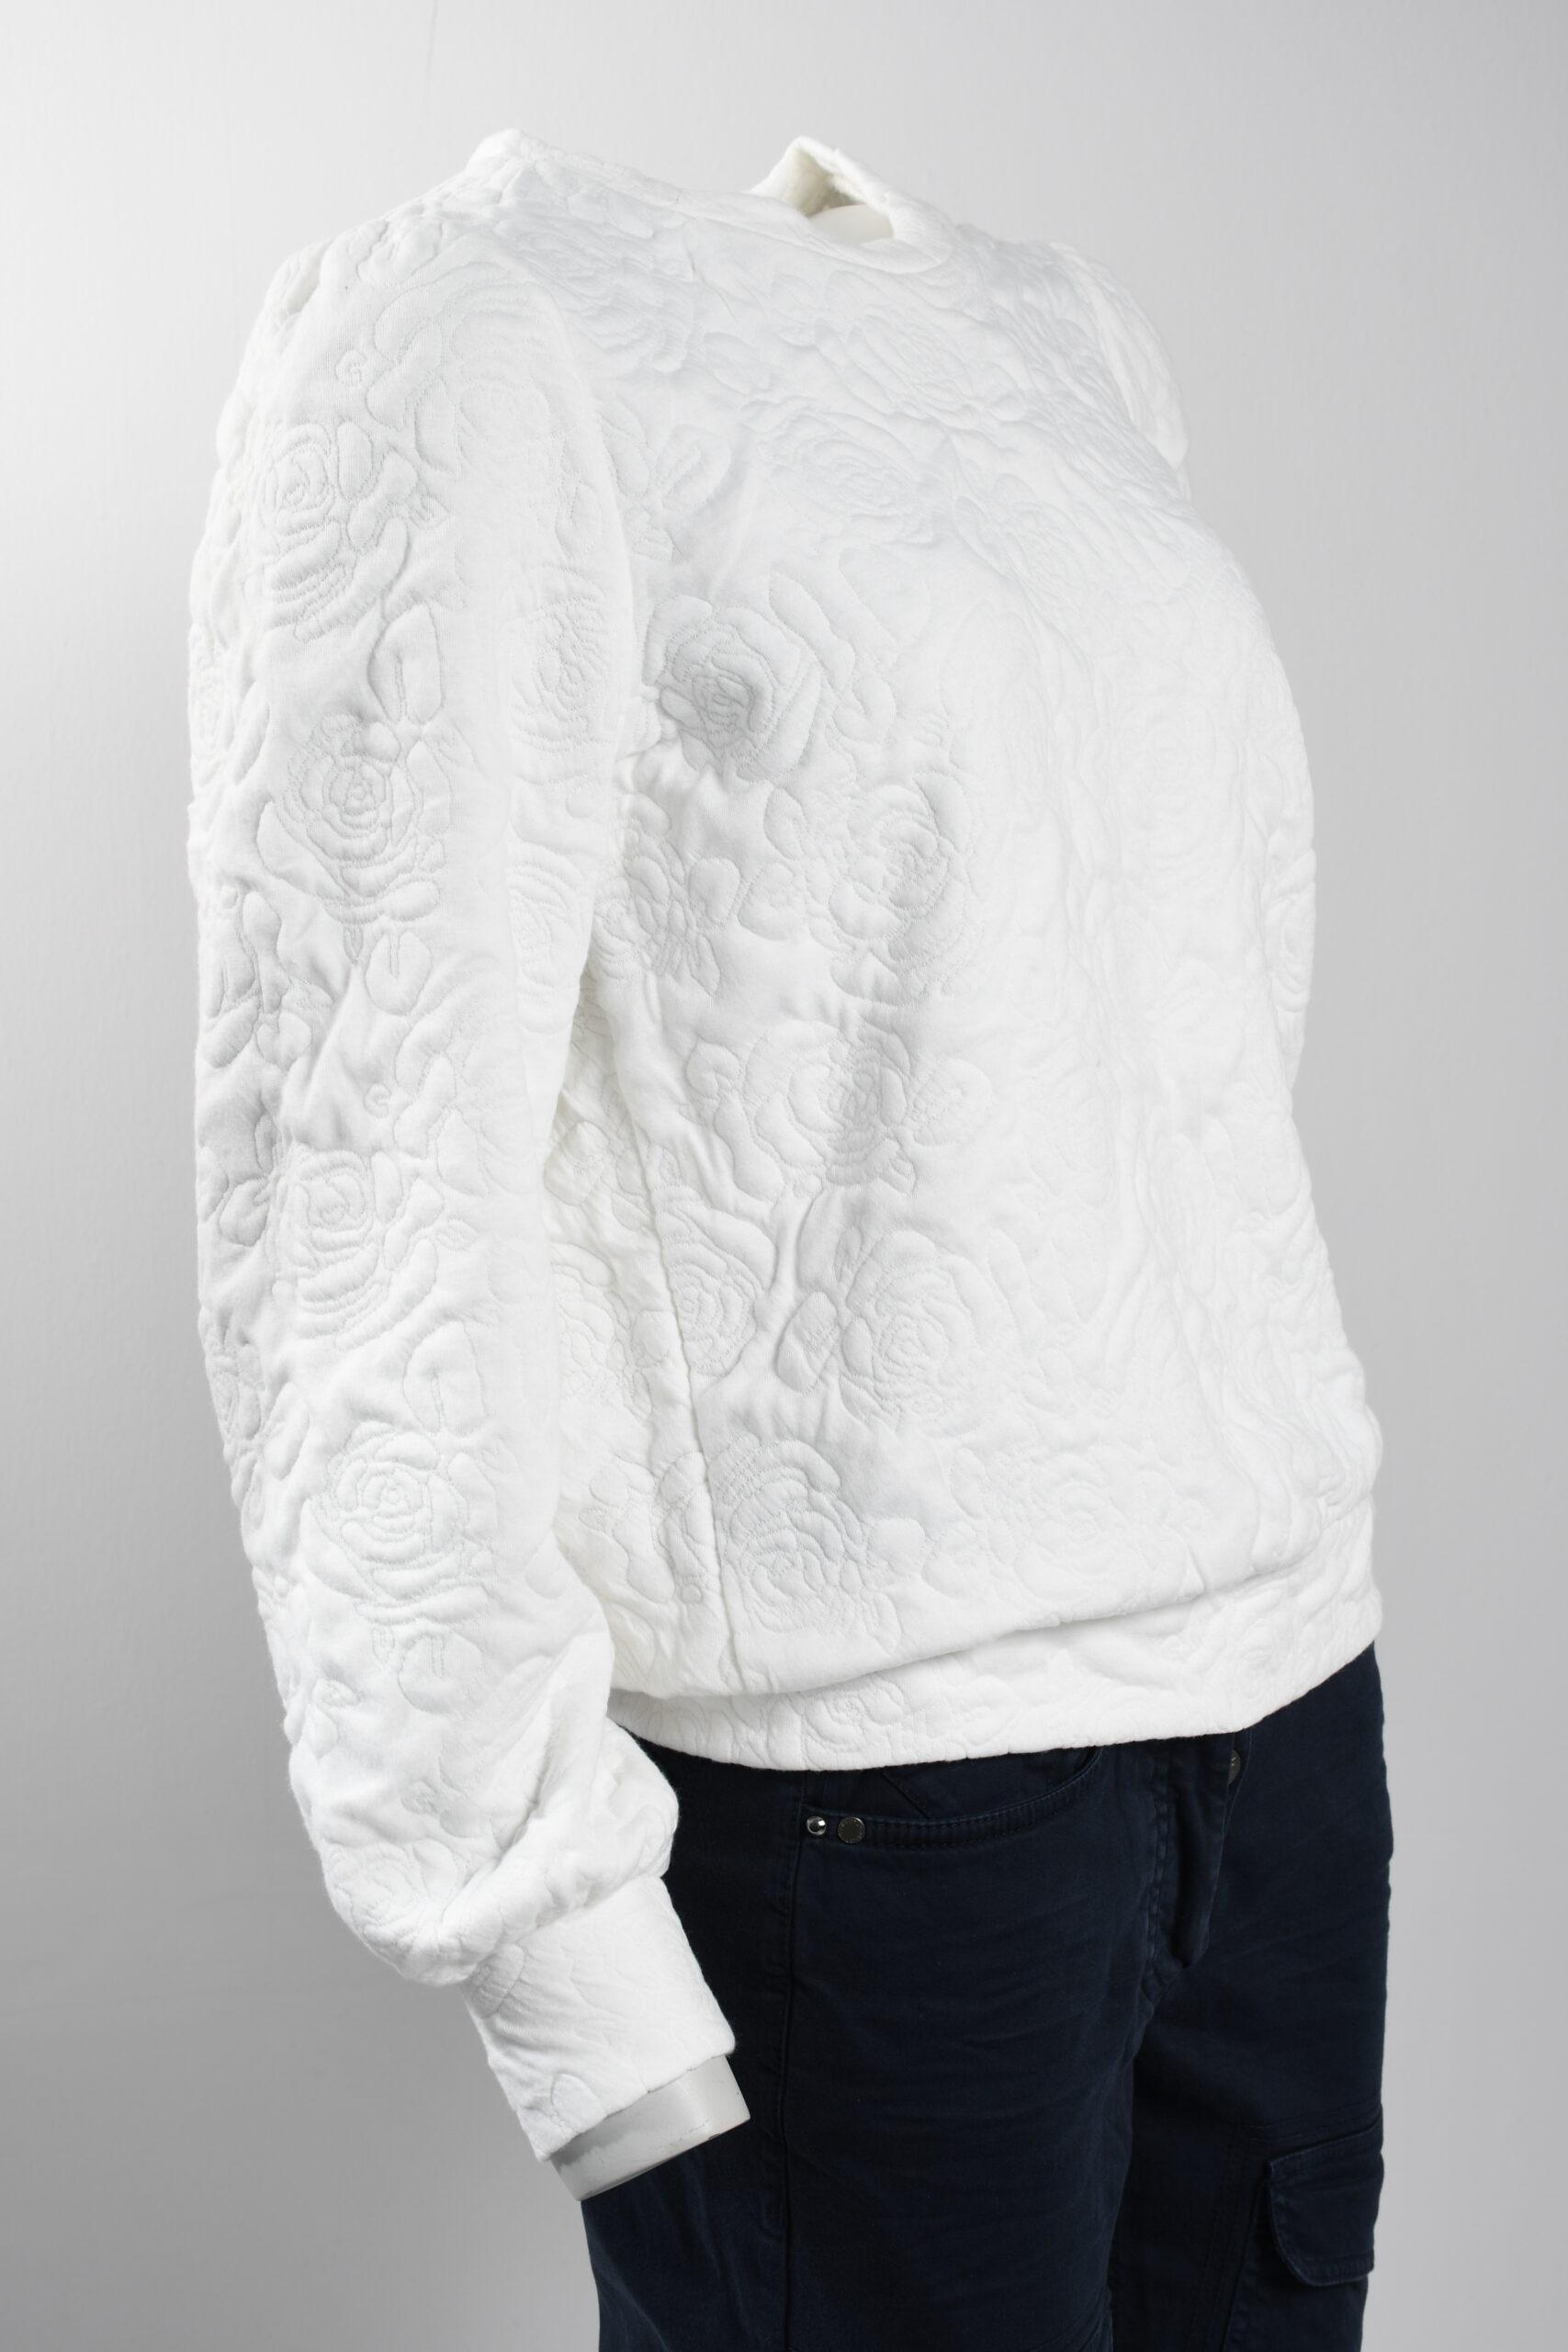 Sweatshirt Soya Concept